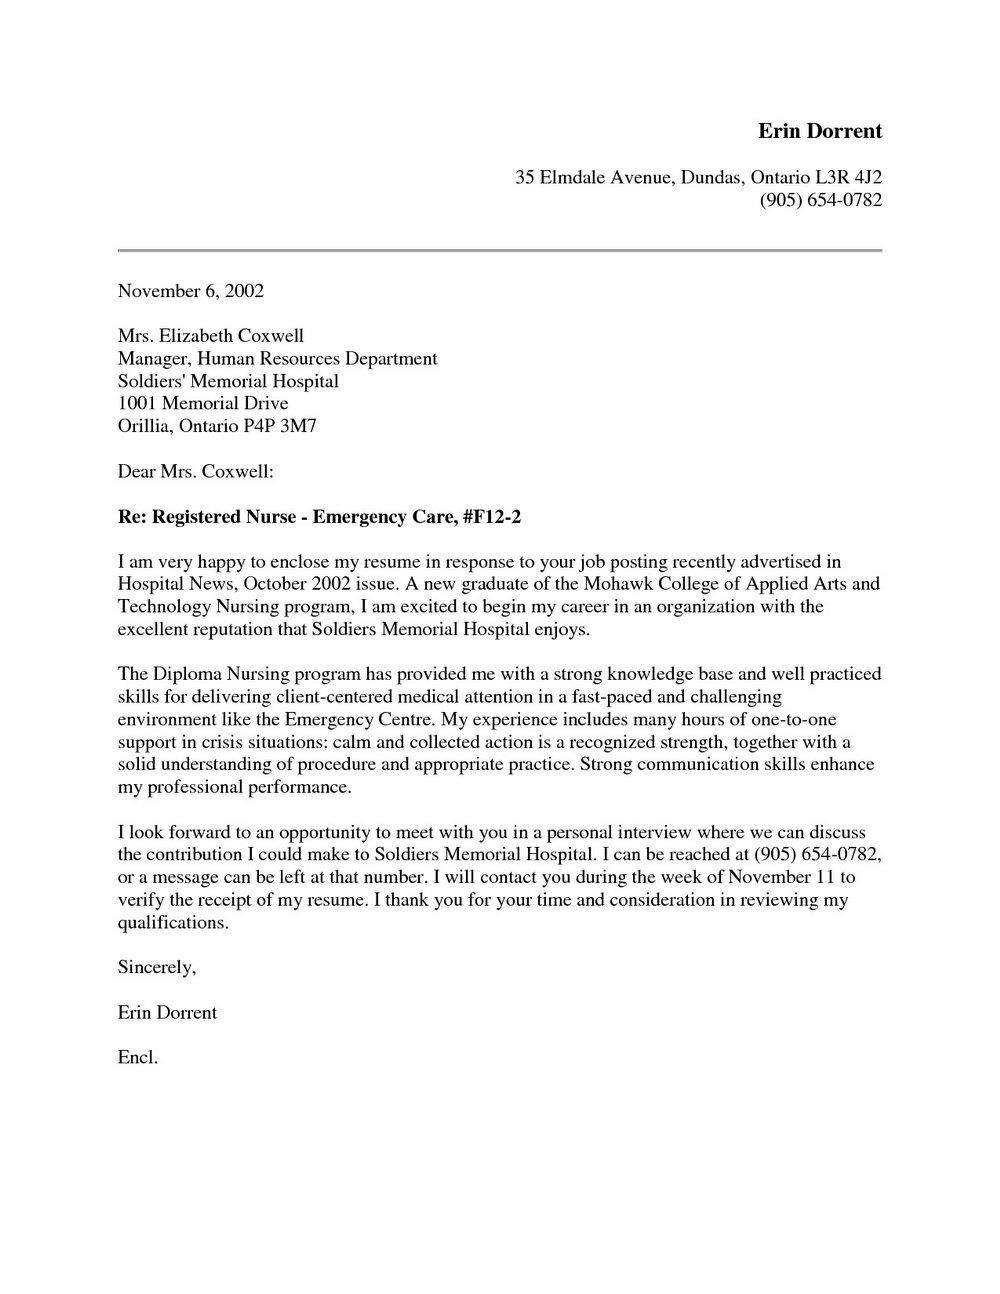 New Nurse Cover Letter For Resume